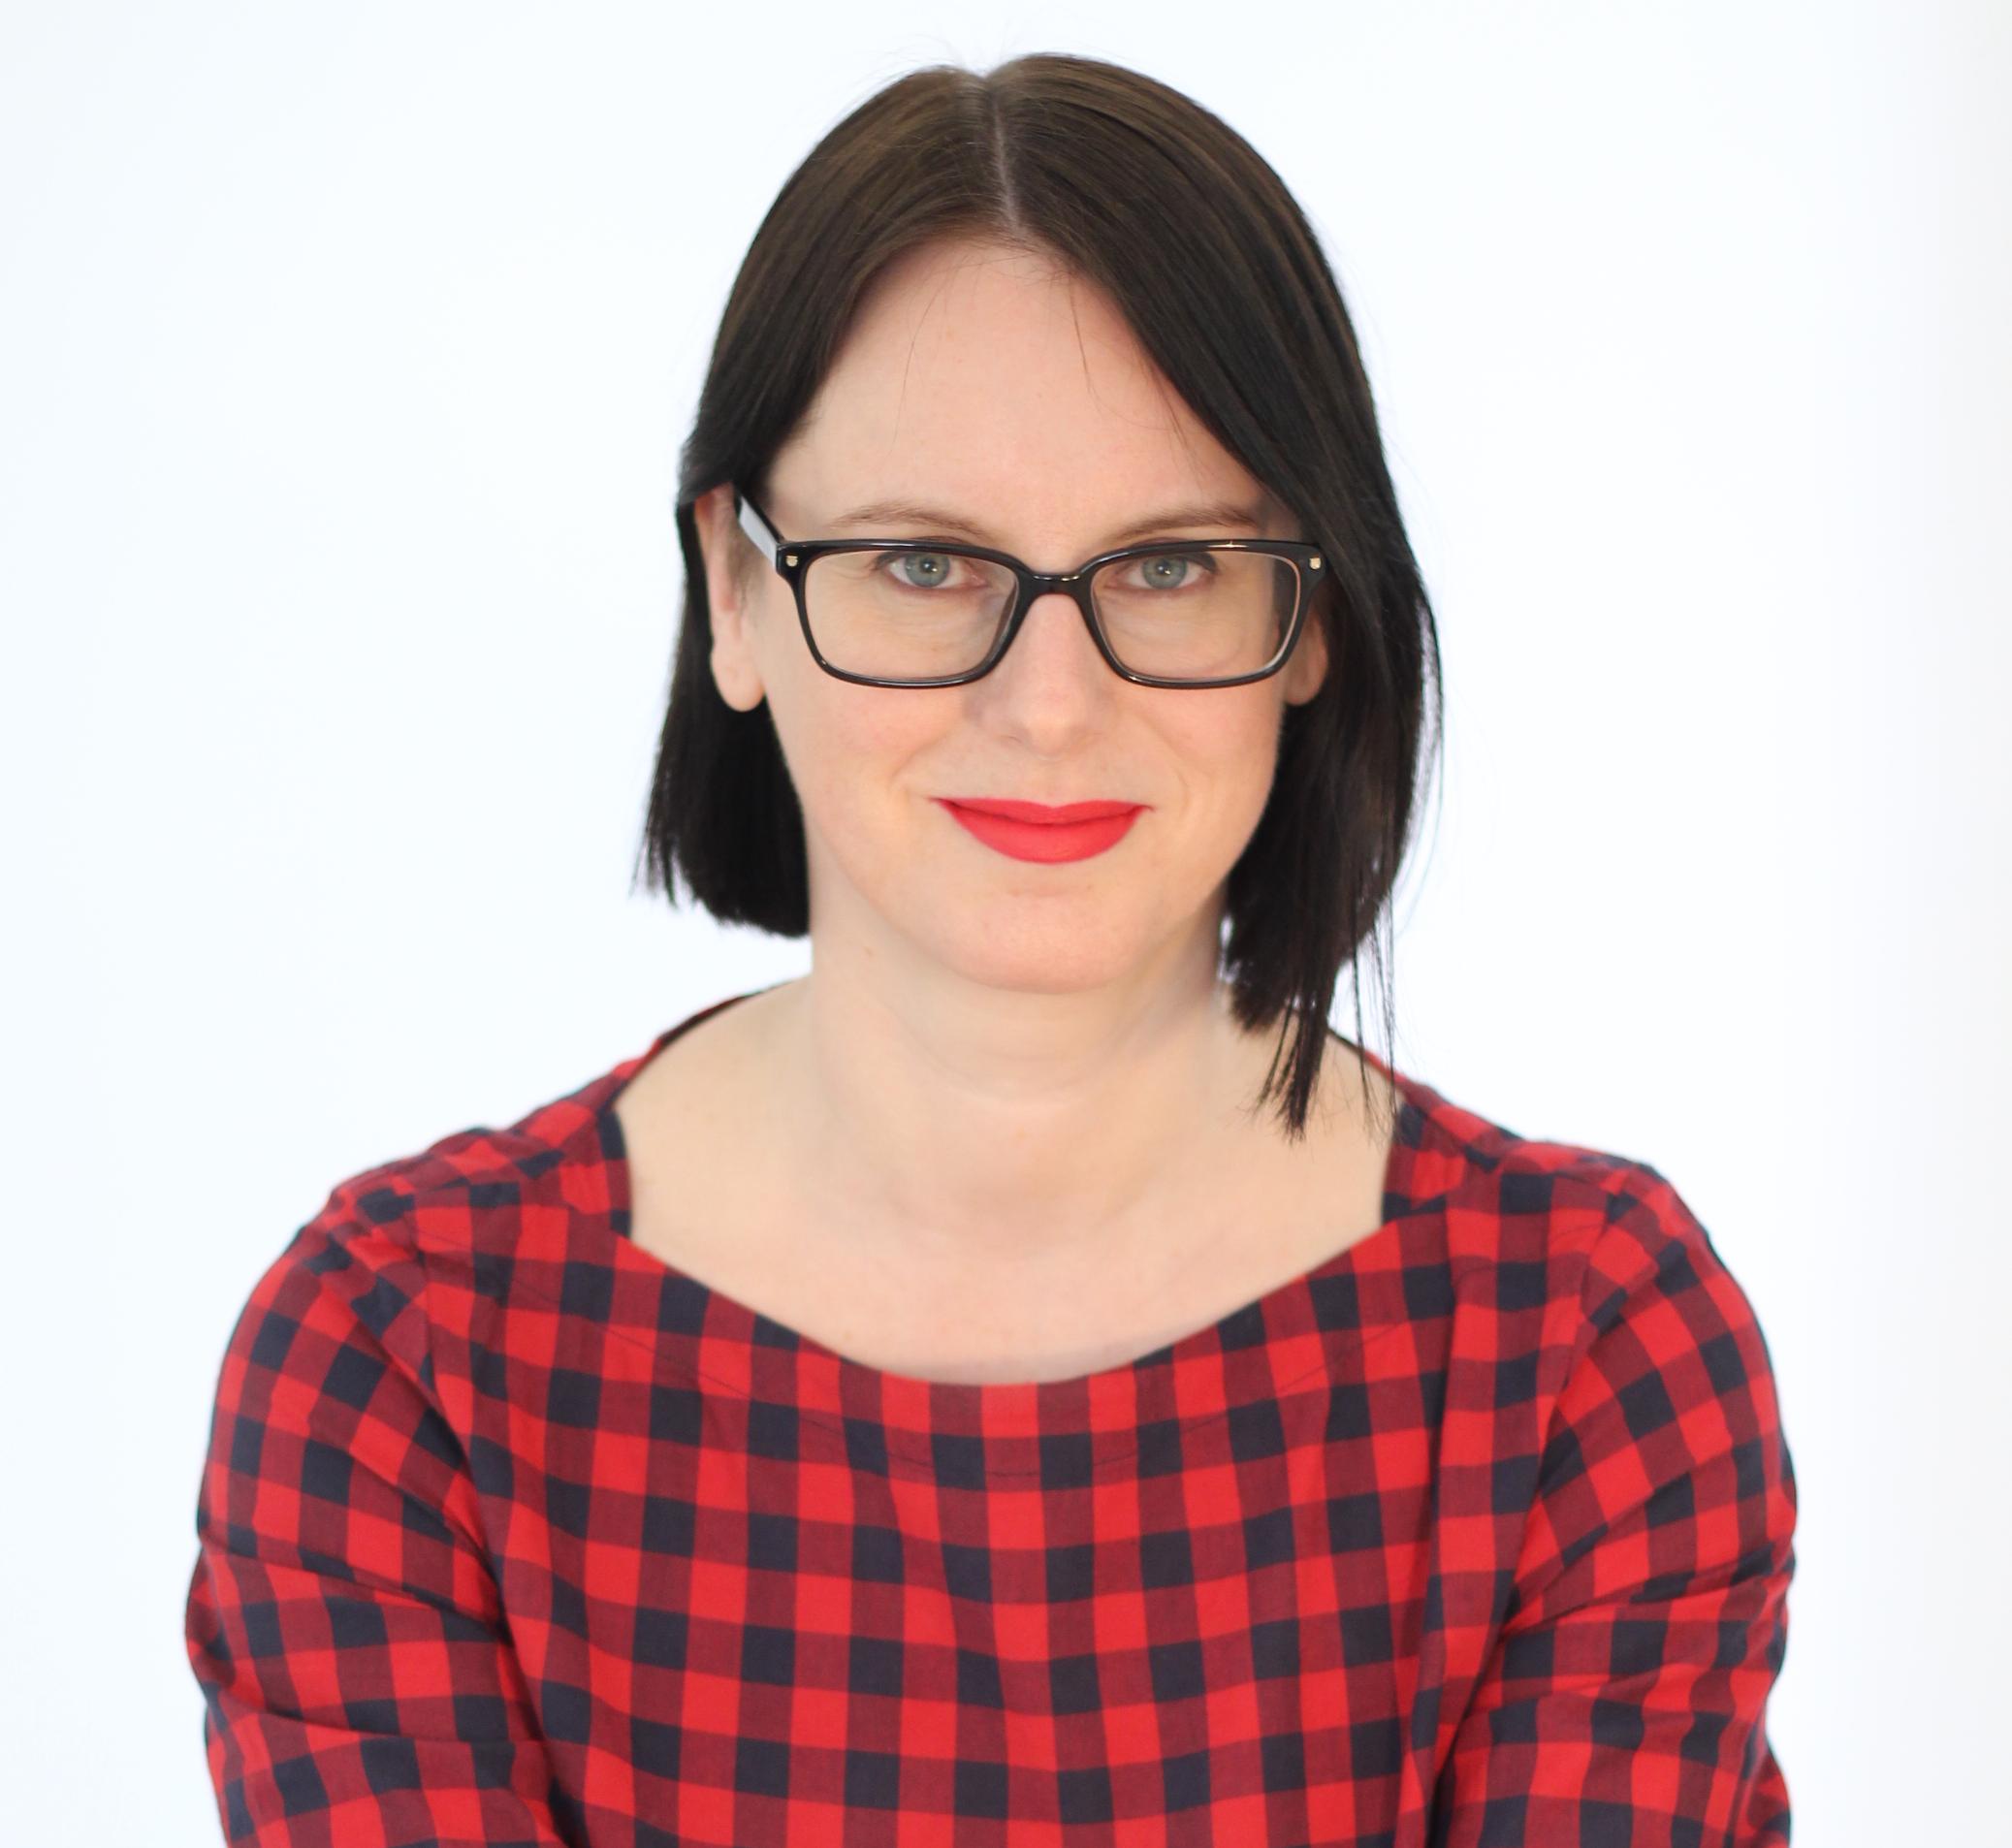 Michaela Profile Picture